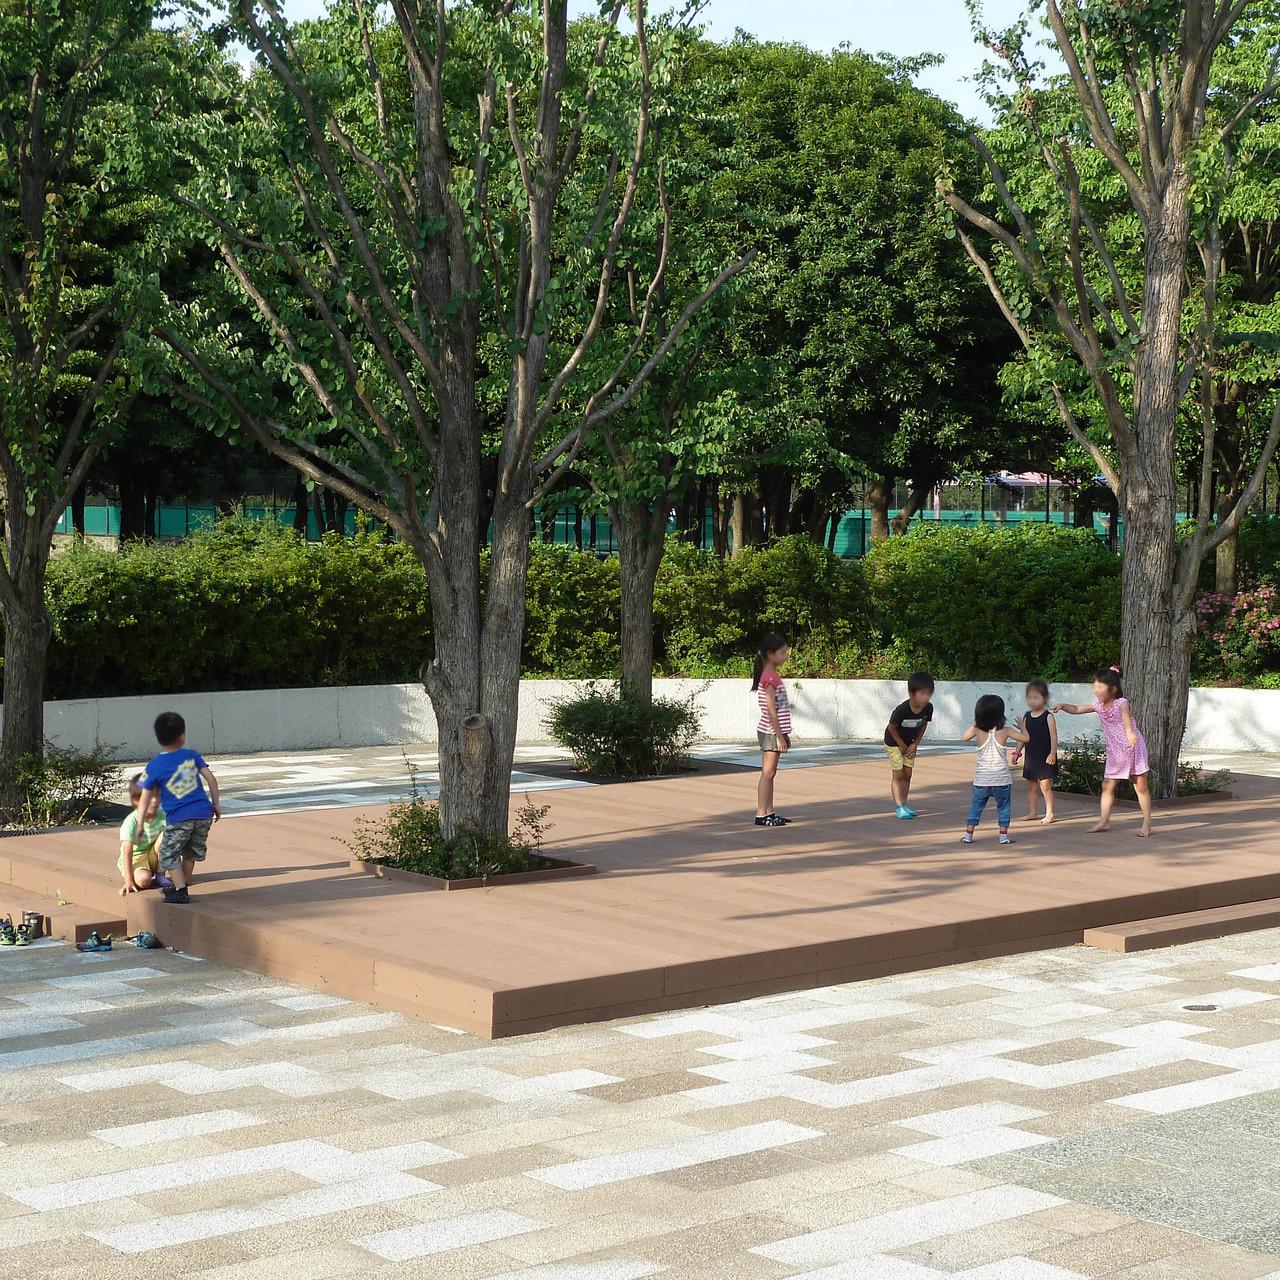 某公園内ステージ(人工木デッキ) 子供たちのお気に入りの場所になりました